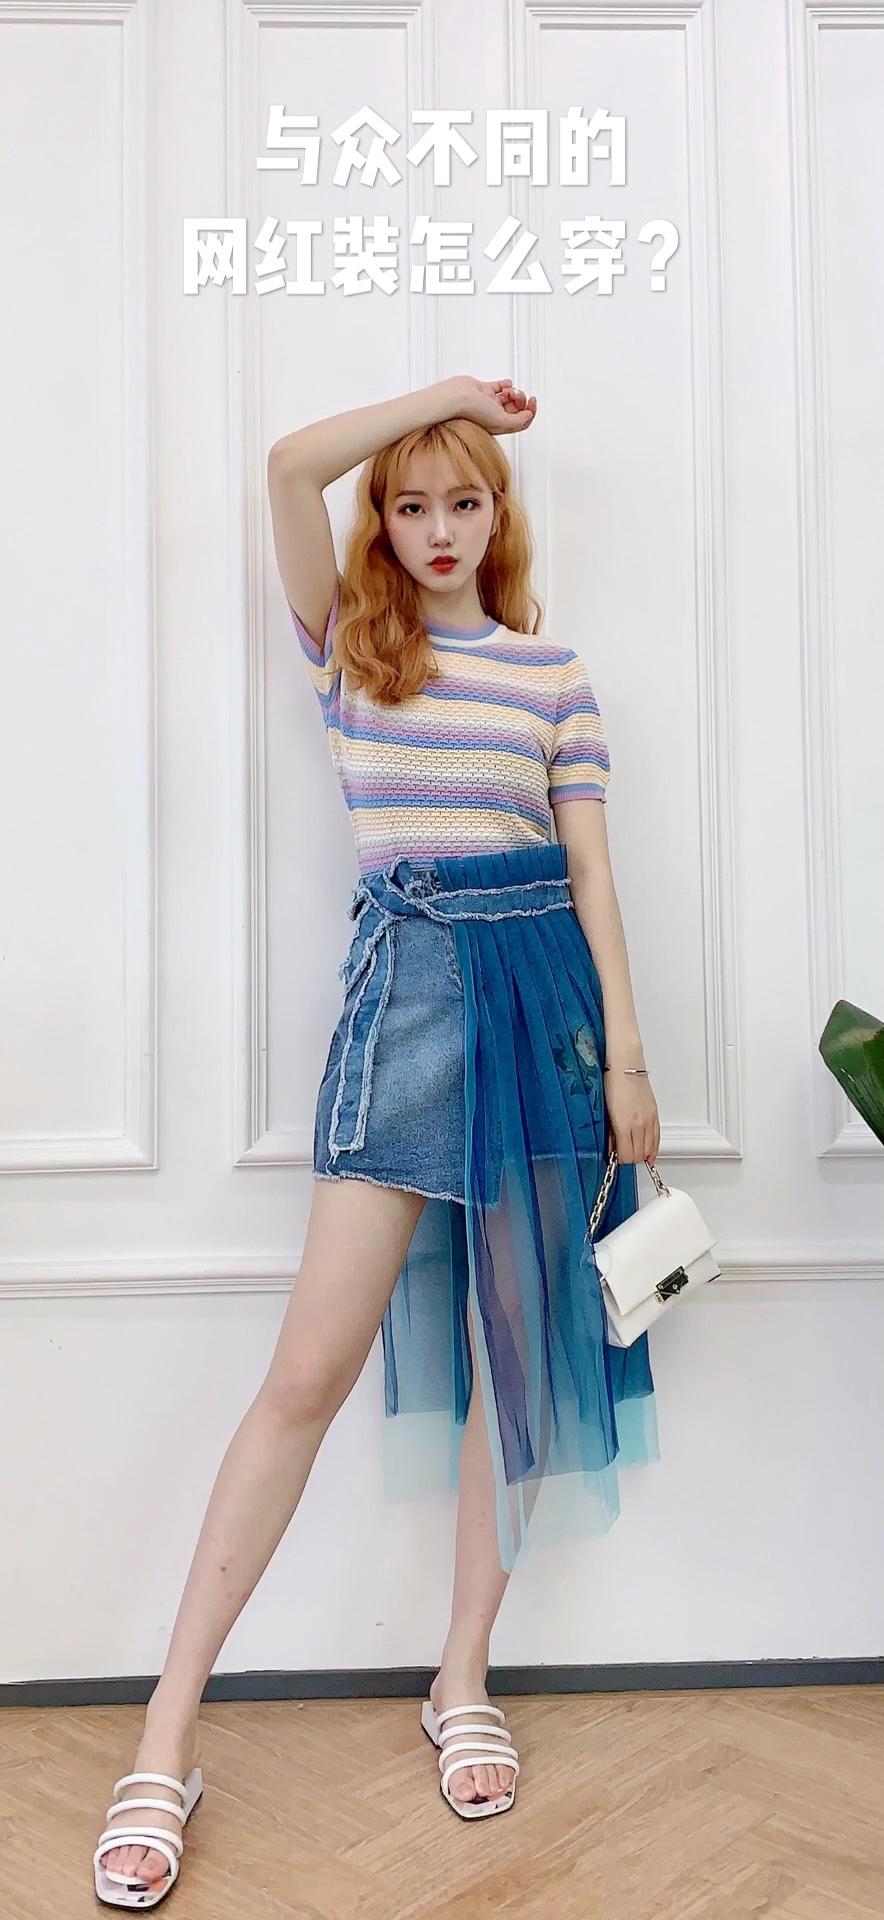 #蘑菇街新品测评# 这身look真的是超级甜美! 首先上衣是非常火的彩虹色条纹短上衣 非常显身材 搭配上一条别致的牛仔纱裙 裙子上的腰带上戴着蓝色的纱 有一种隐隐约约的美感~